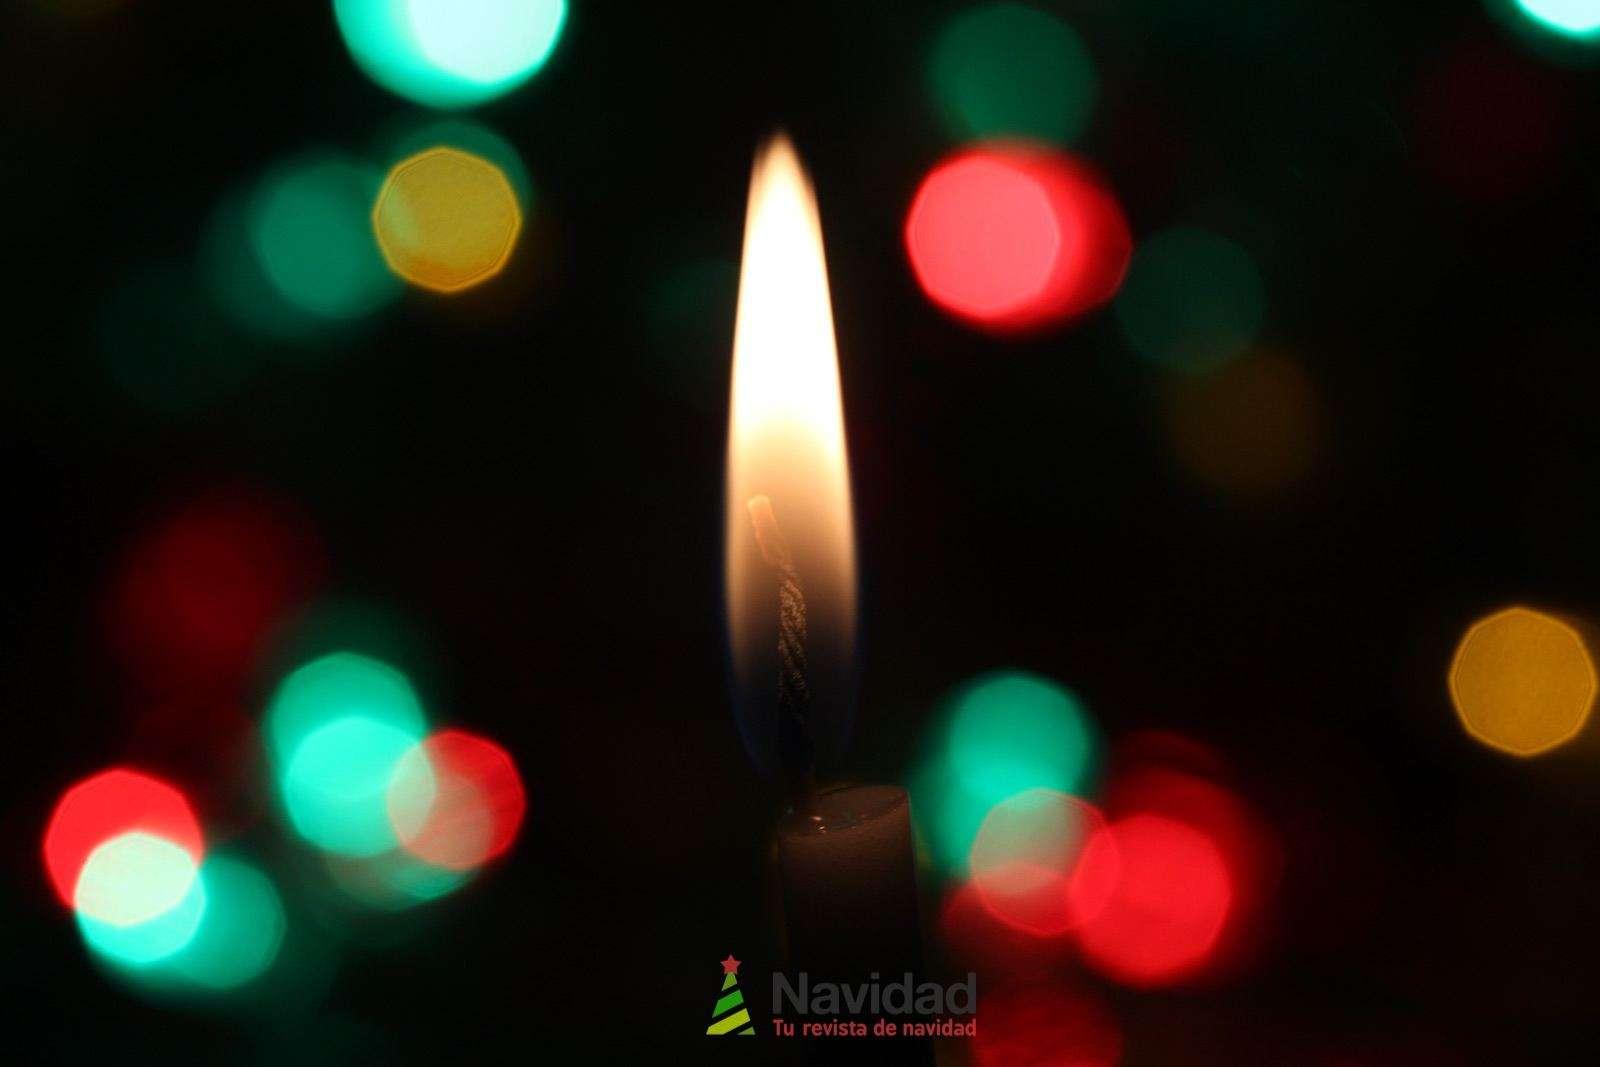 Chimeneas de Navidad para decorar y dar calor en fiestas 65